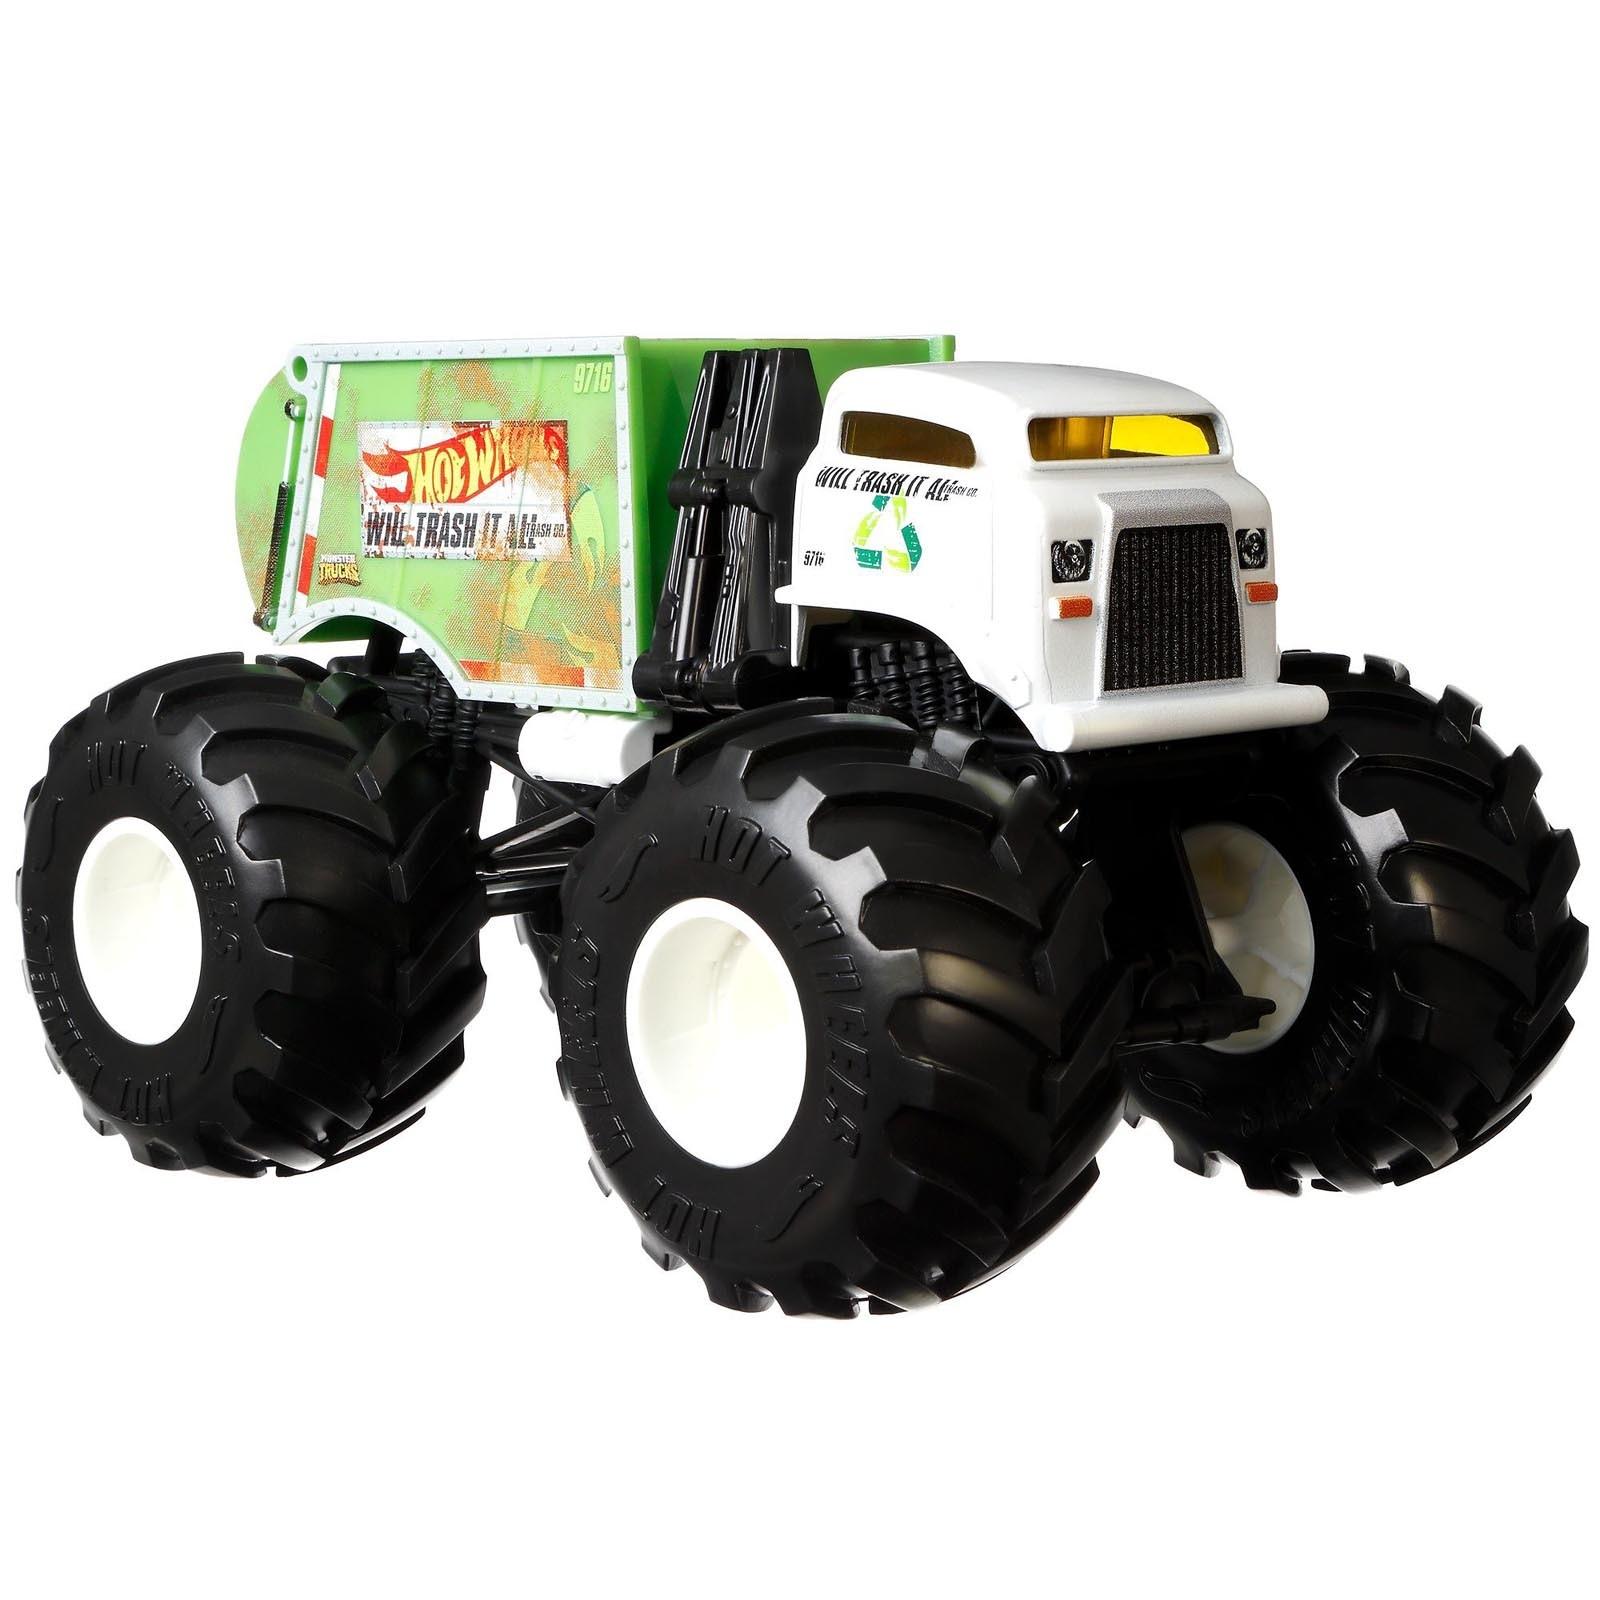 Hot Wheels - 1:24 - Will Trash It All - Monster Trucks - GJG72